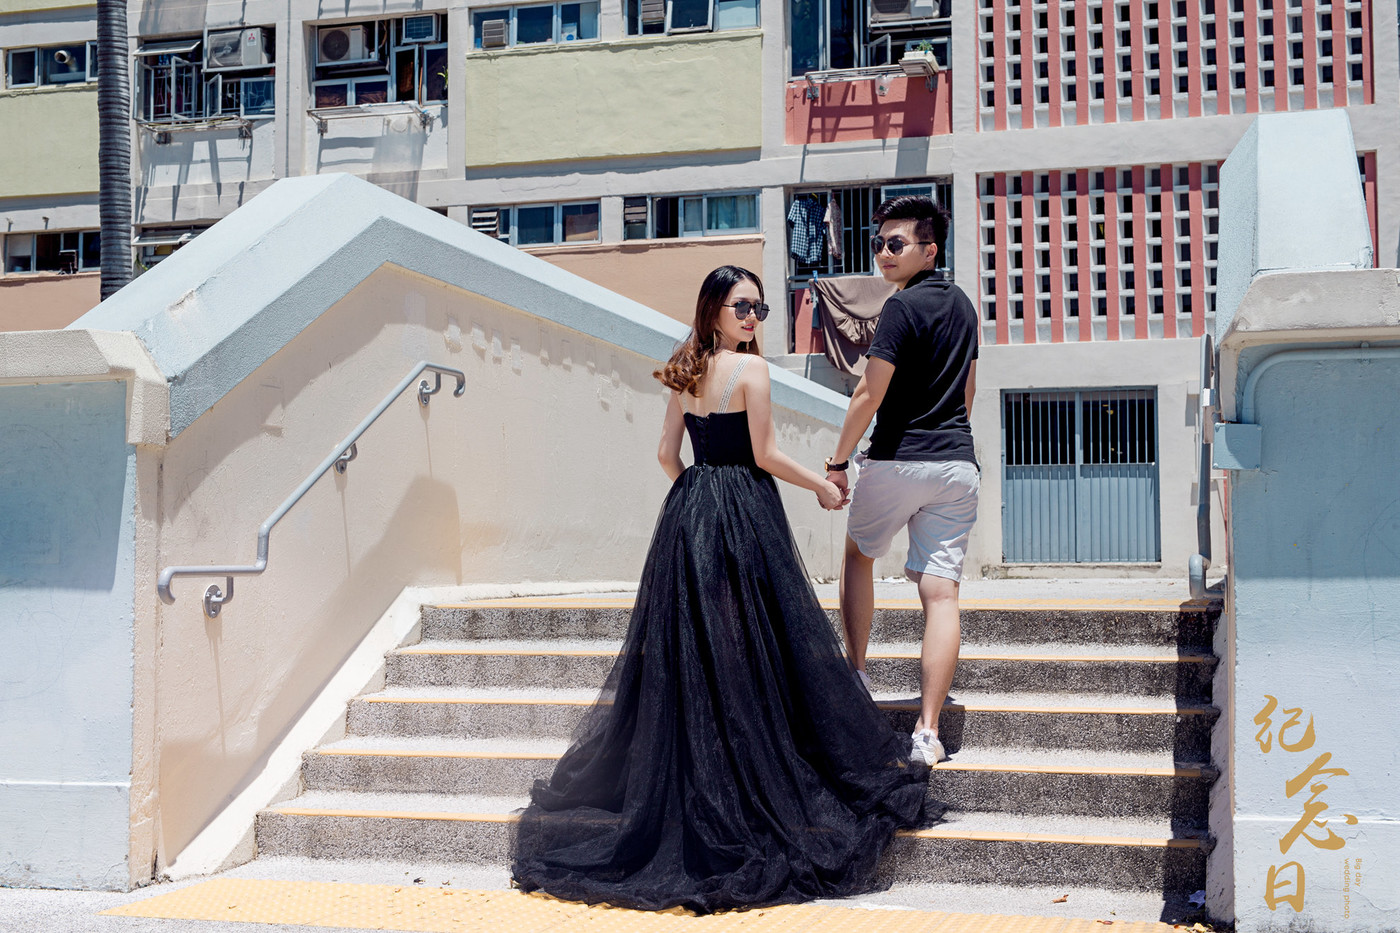 香港旅拍 | Tommy & lucy35